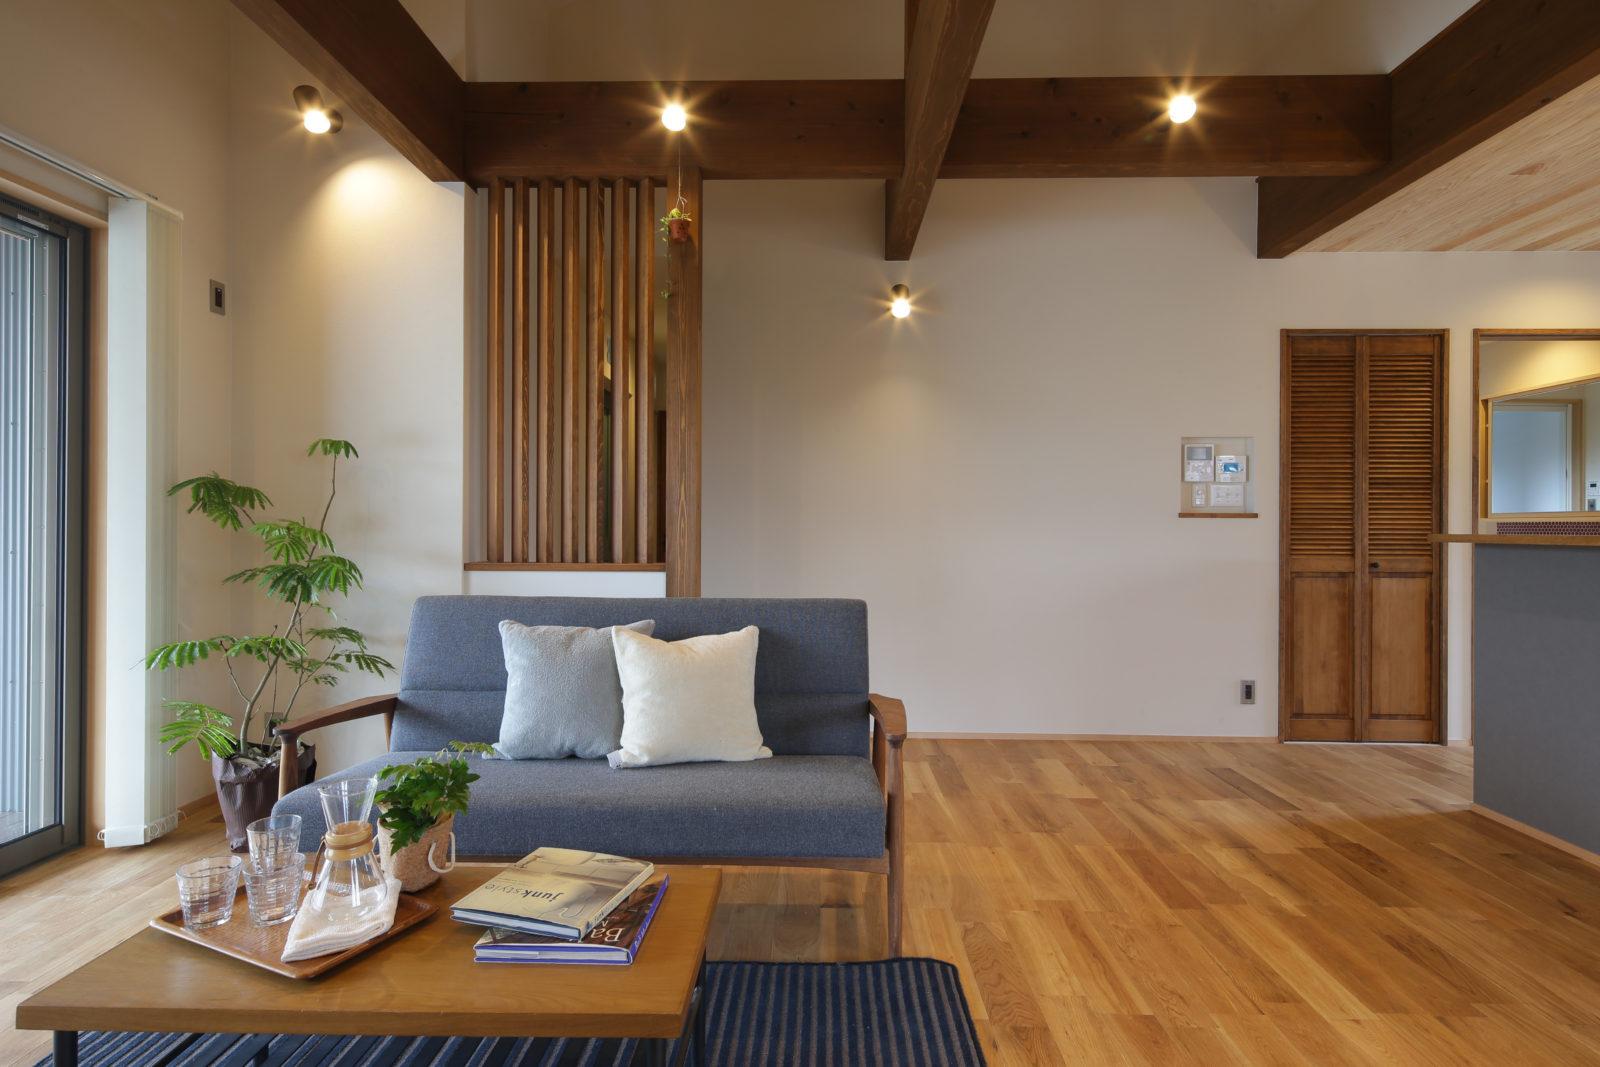 鹿児島市桜ケ丘で予約制モデルハウス 空間を愉しむ家。GRND OPEN!